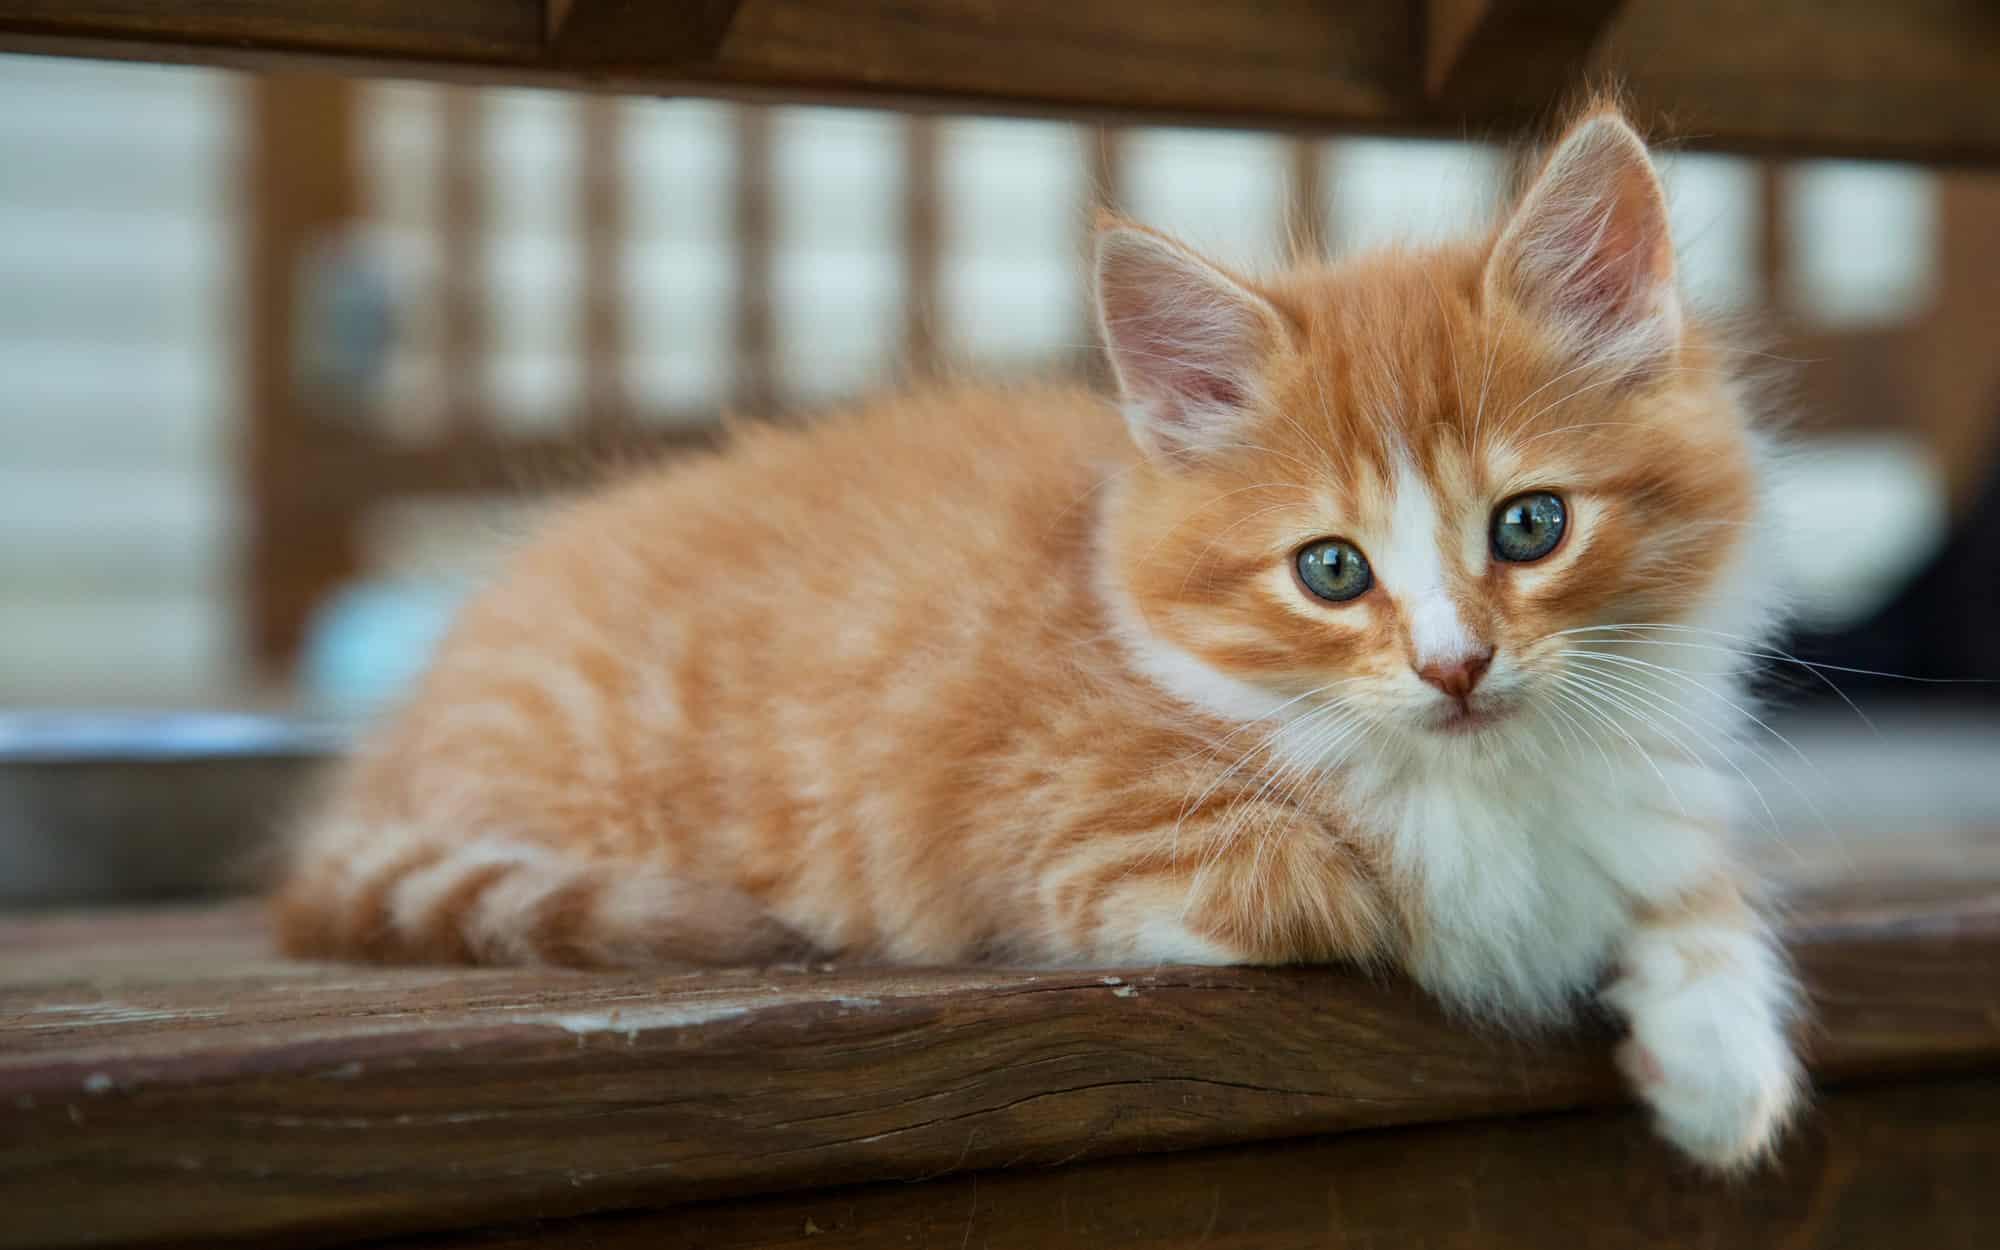 اكل قطط من طعام المنزل